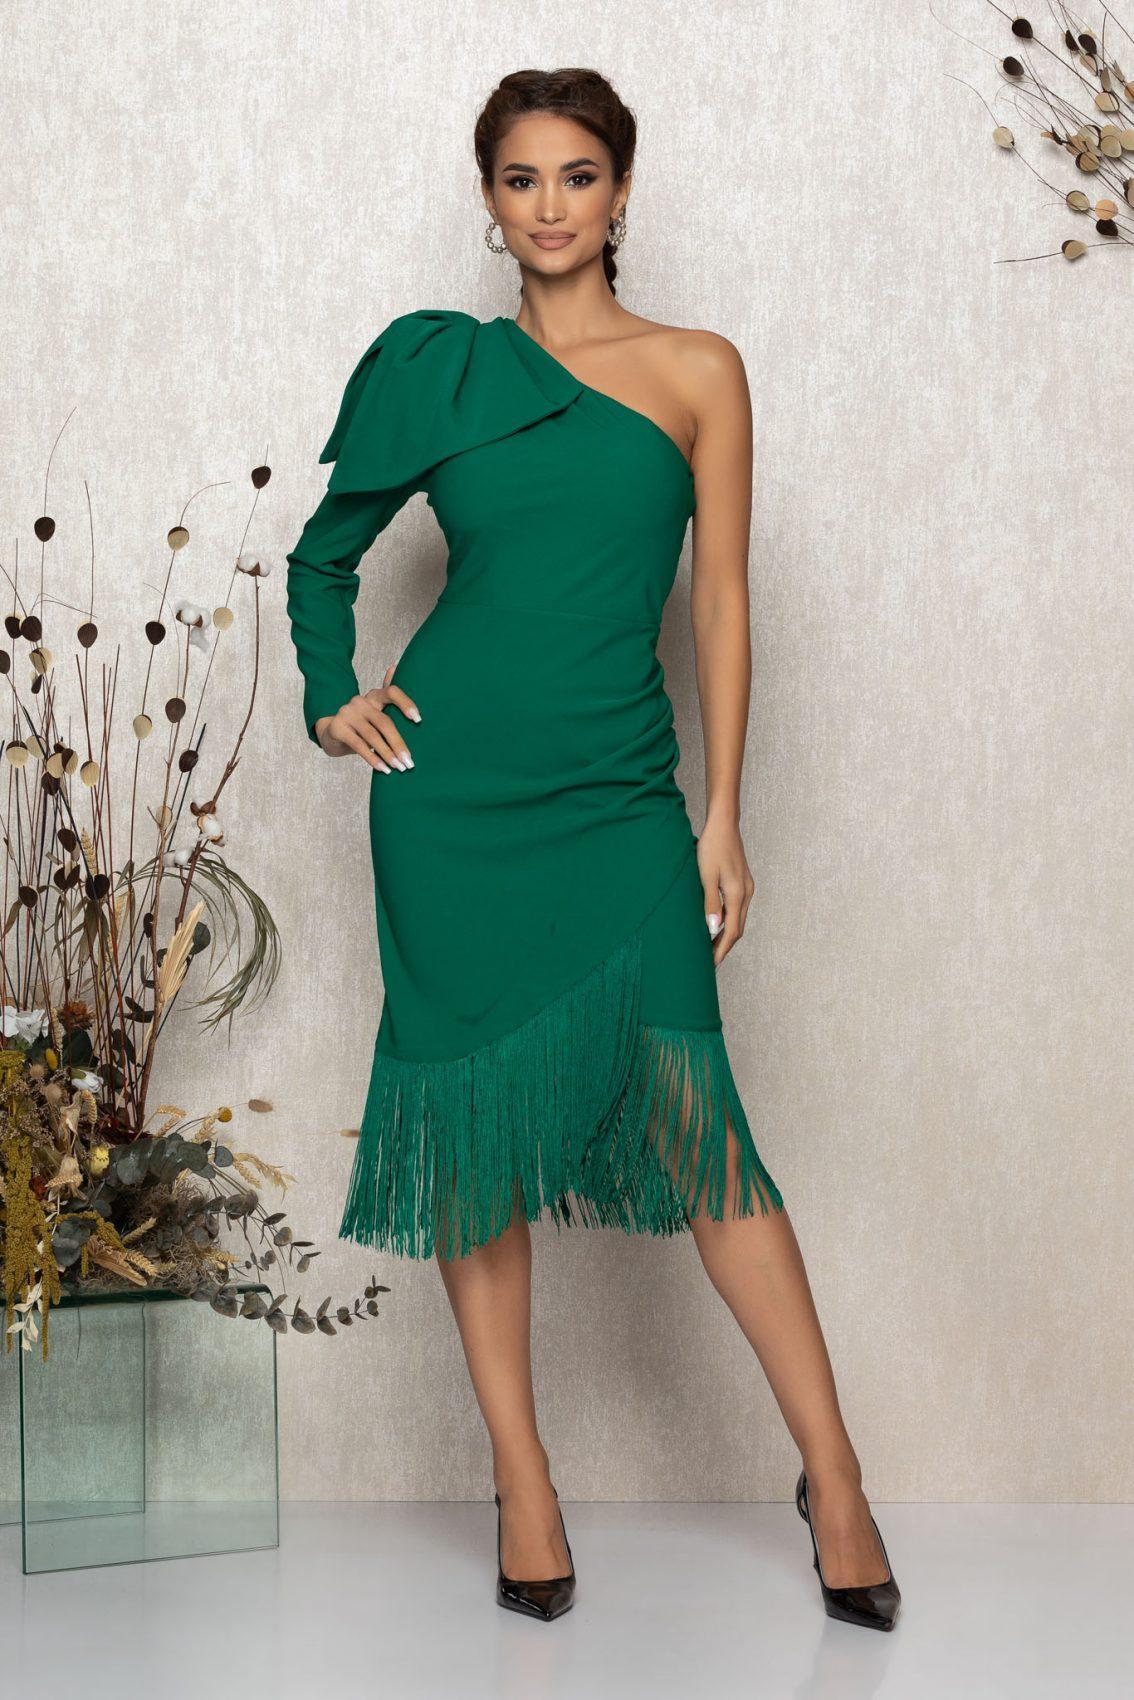 Πράσινο Μίντι Βραδινό Φόρεμα Με Κρόσια Fortuna T394 1